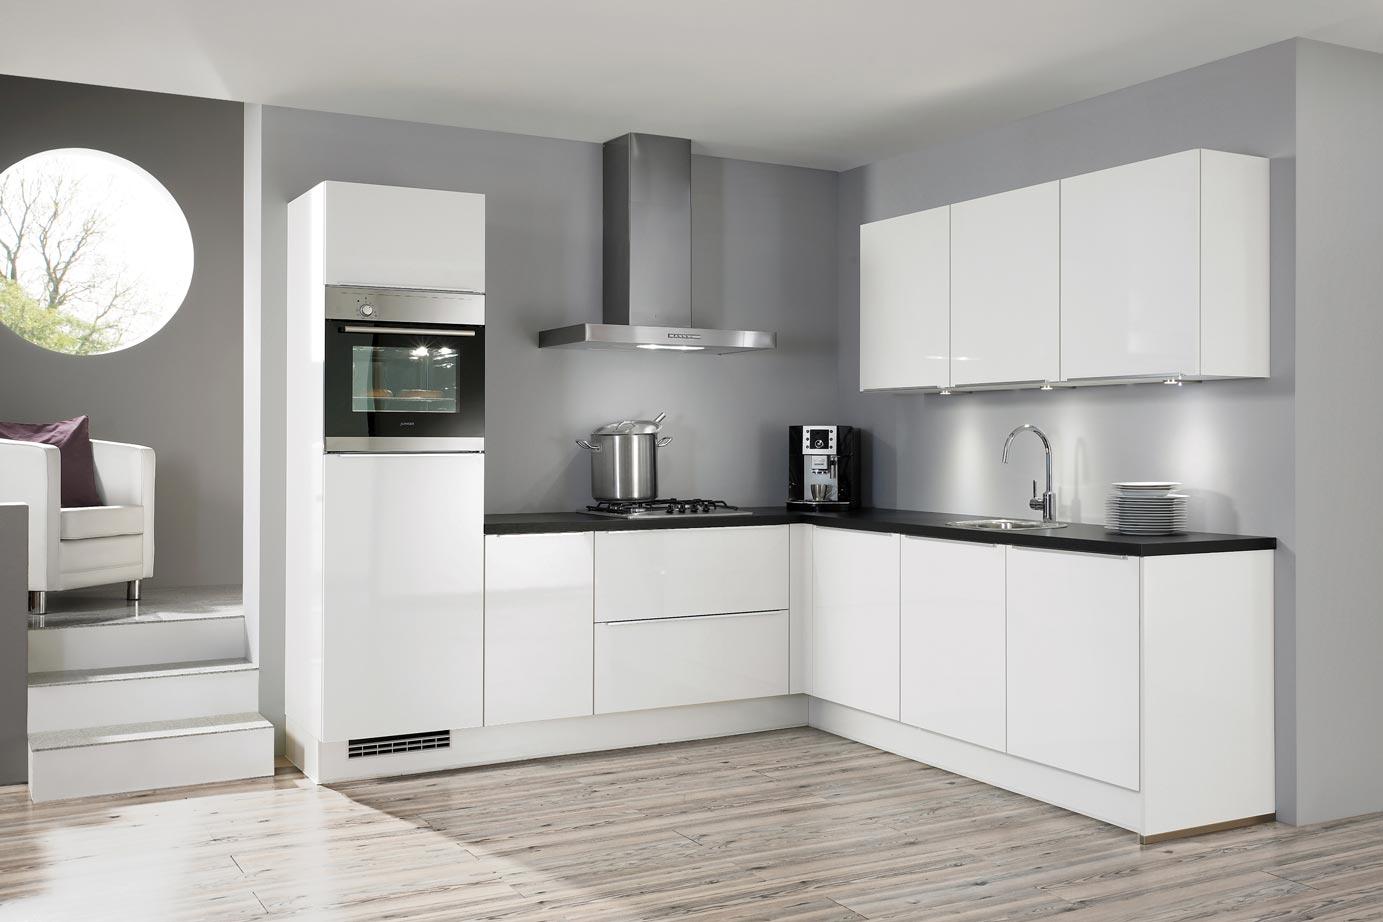 Witte Hoogglans Keuken Met Wit Blad : keuken henk en hanneke pap uit nunspeet kochten een hoogglans keuken